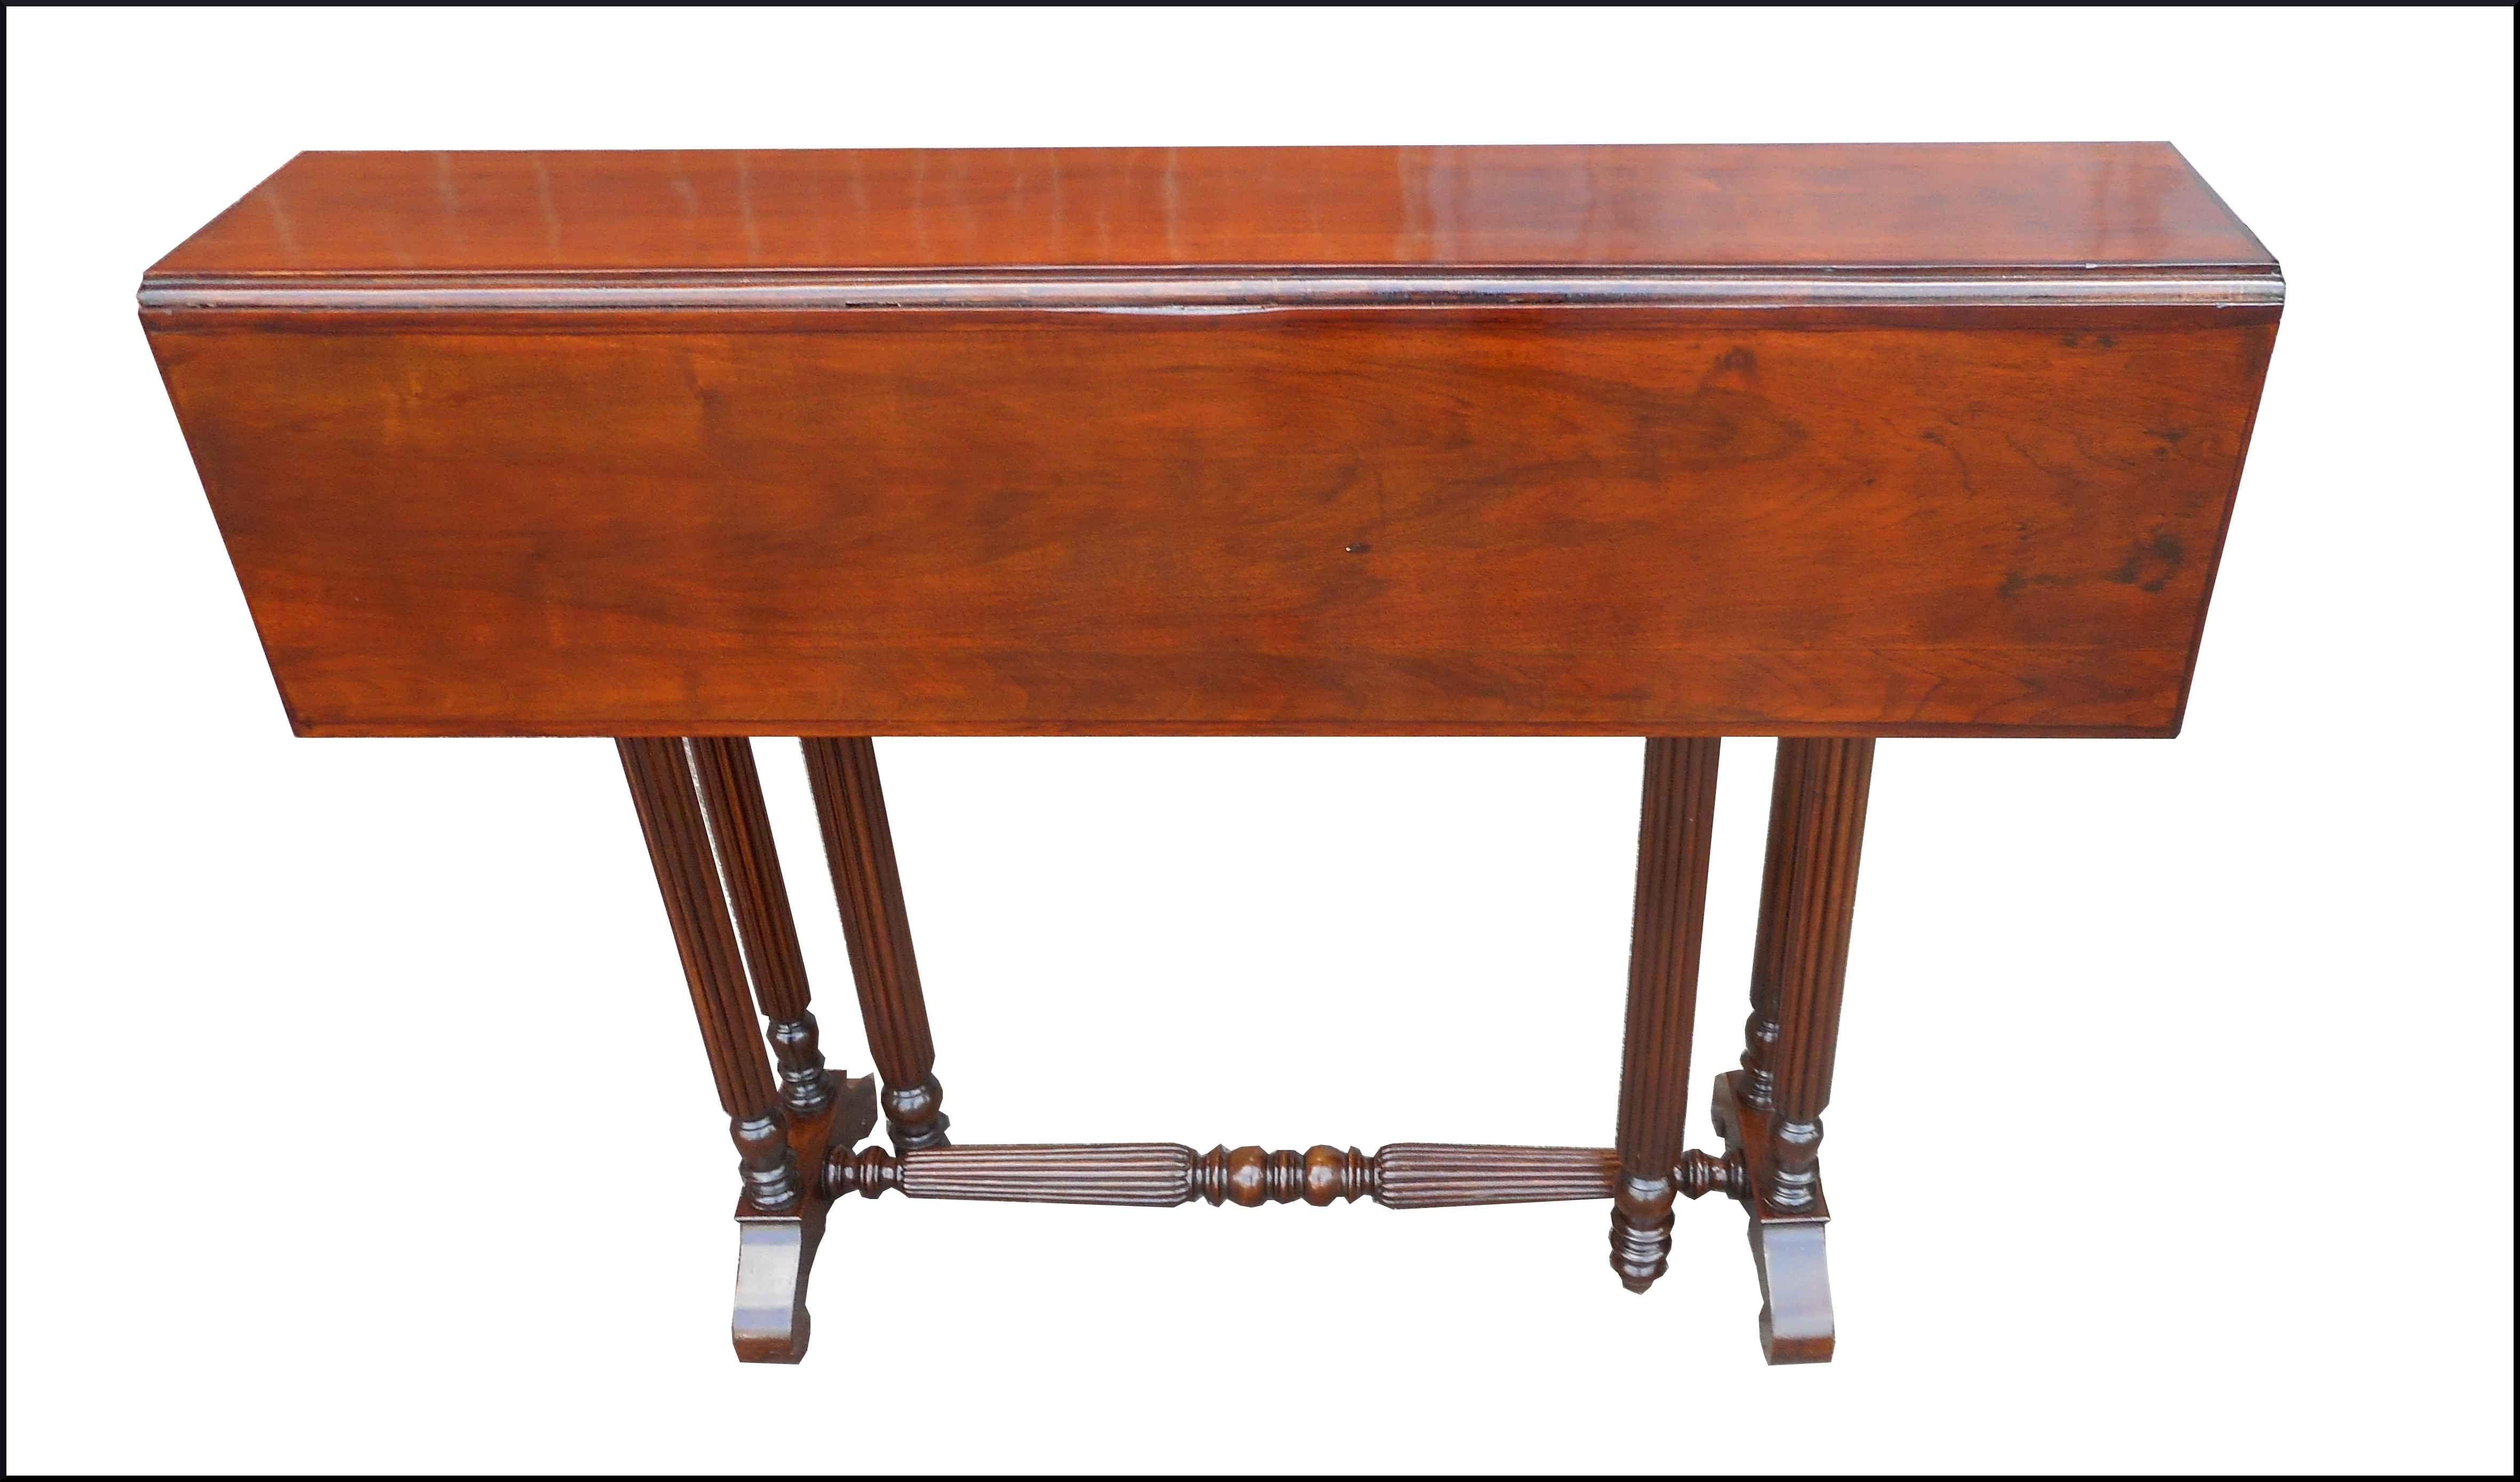 Tavolo A Consolle Apribile.Tavolino Consolle Apribile A Cancelletto N Prodotto 1401 Piccolo E